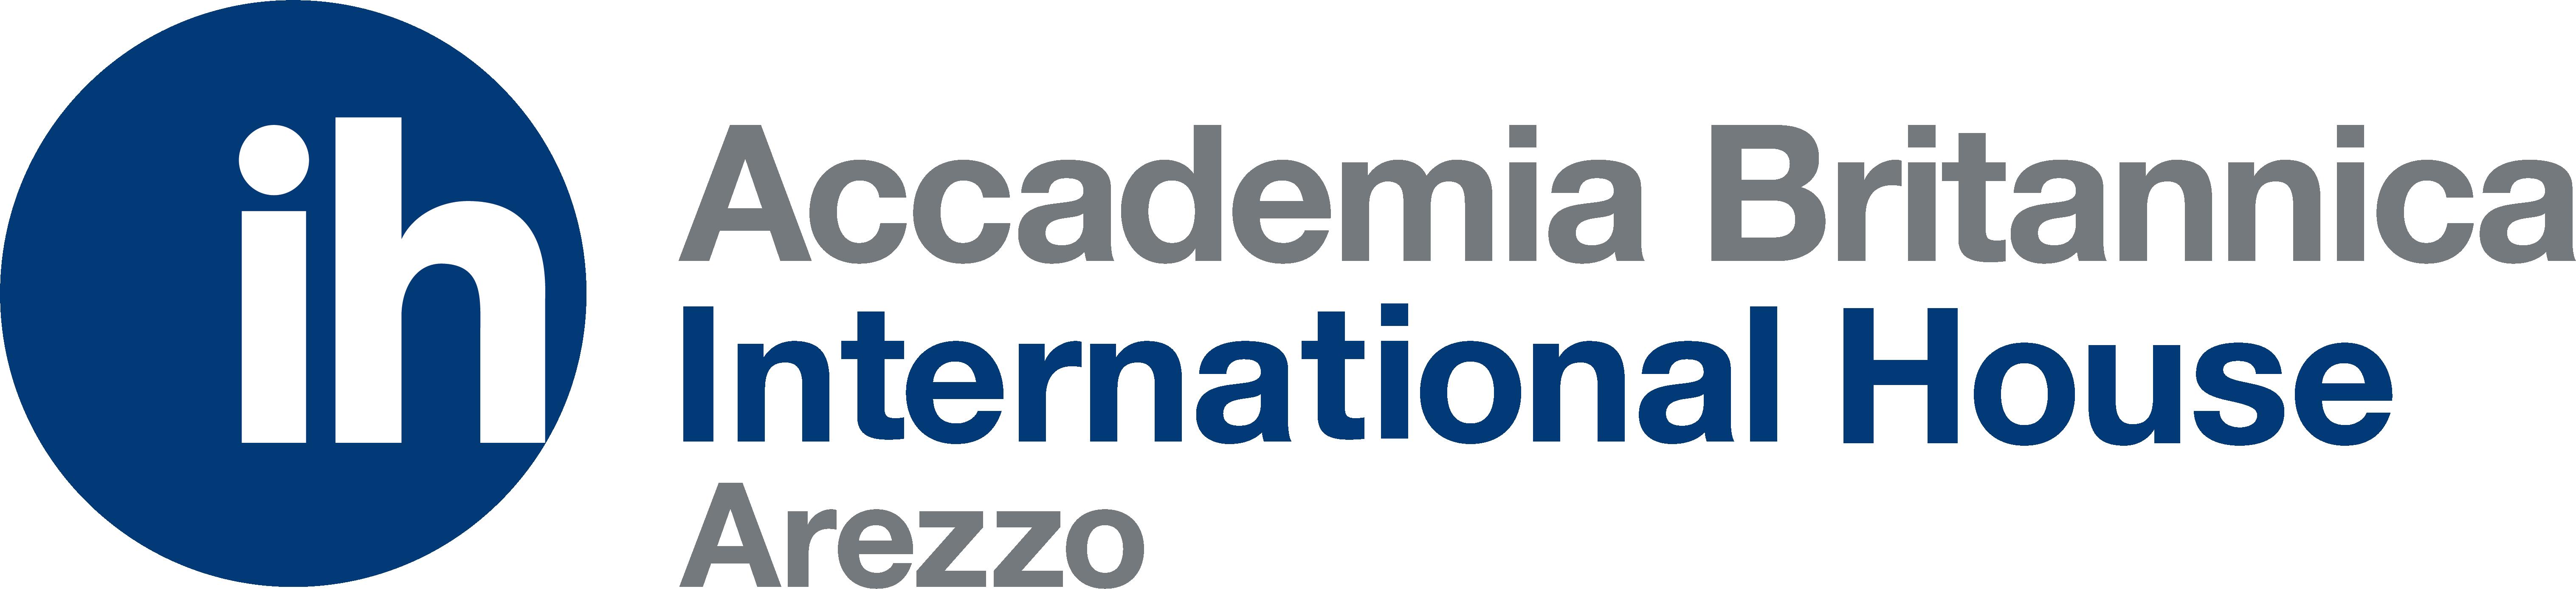 IH Arezzo - Accademia Britannica logo